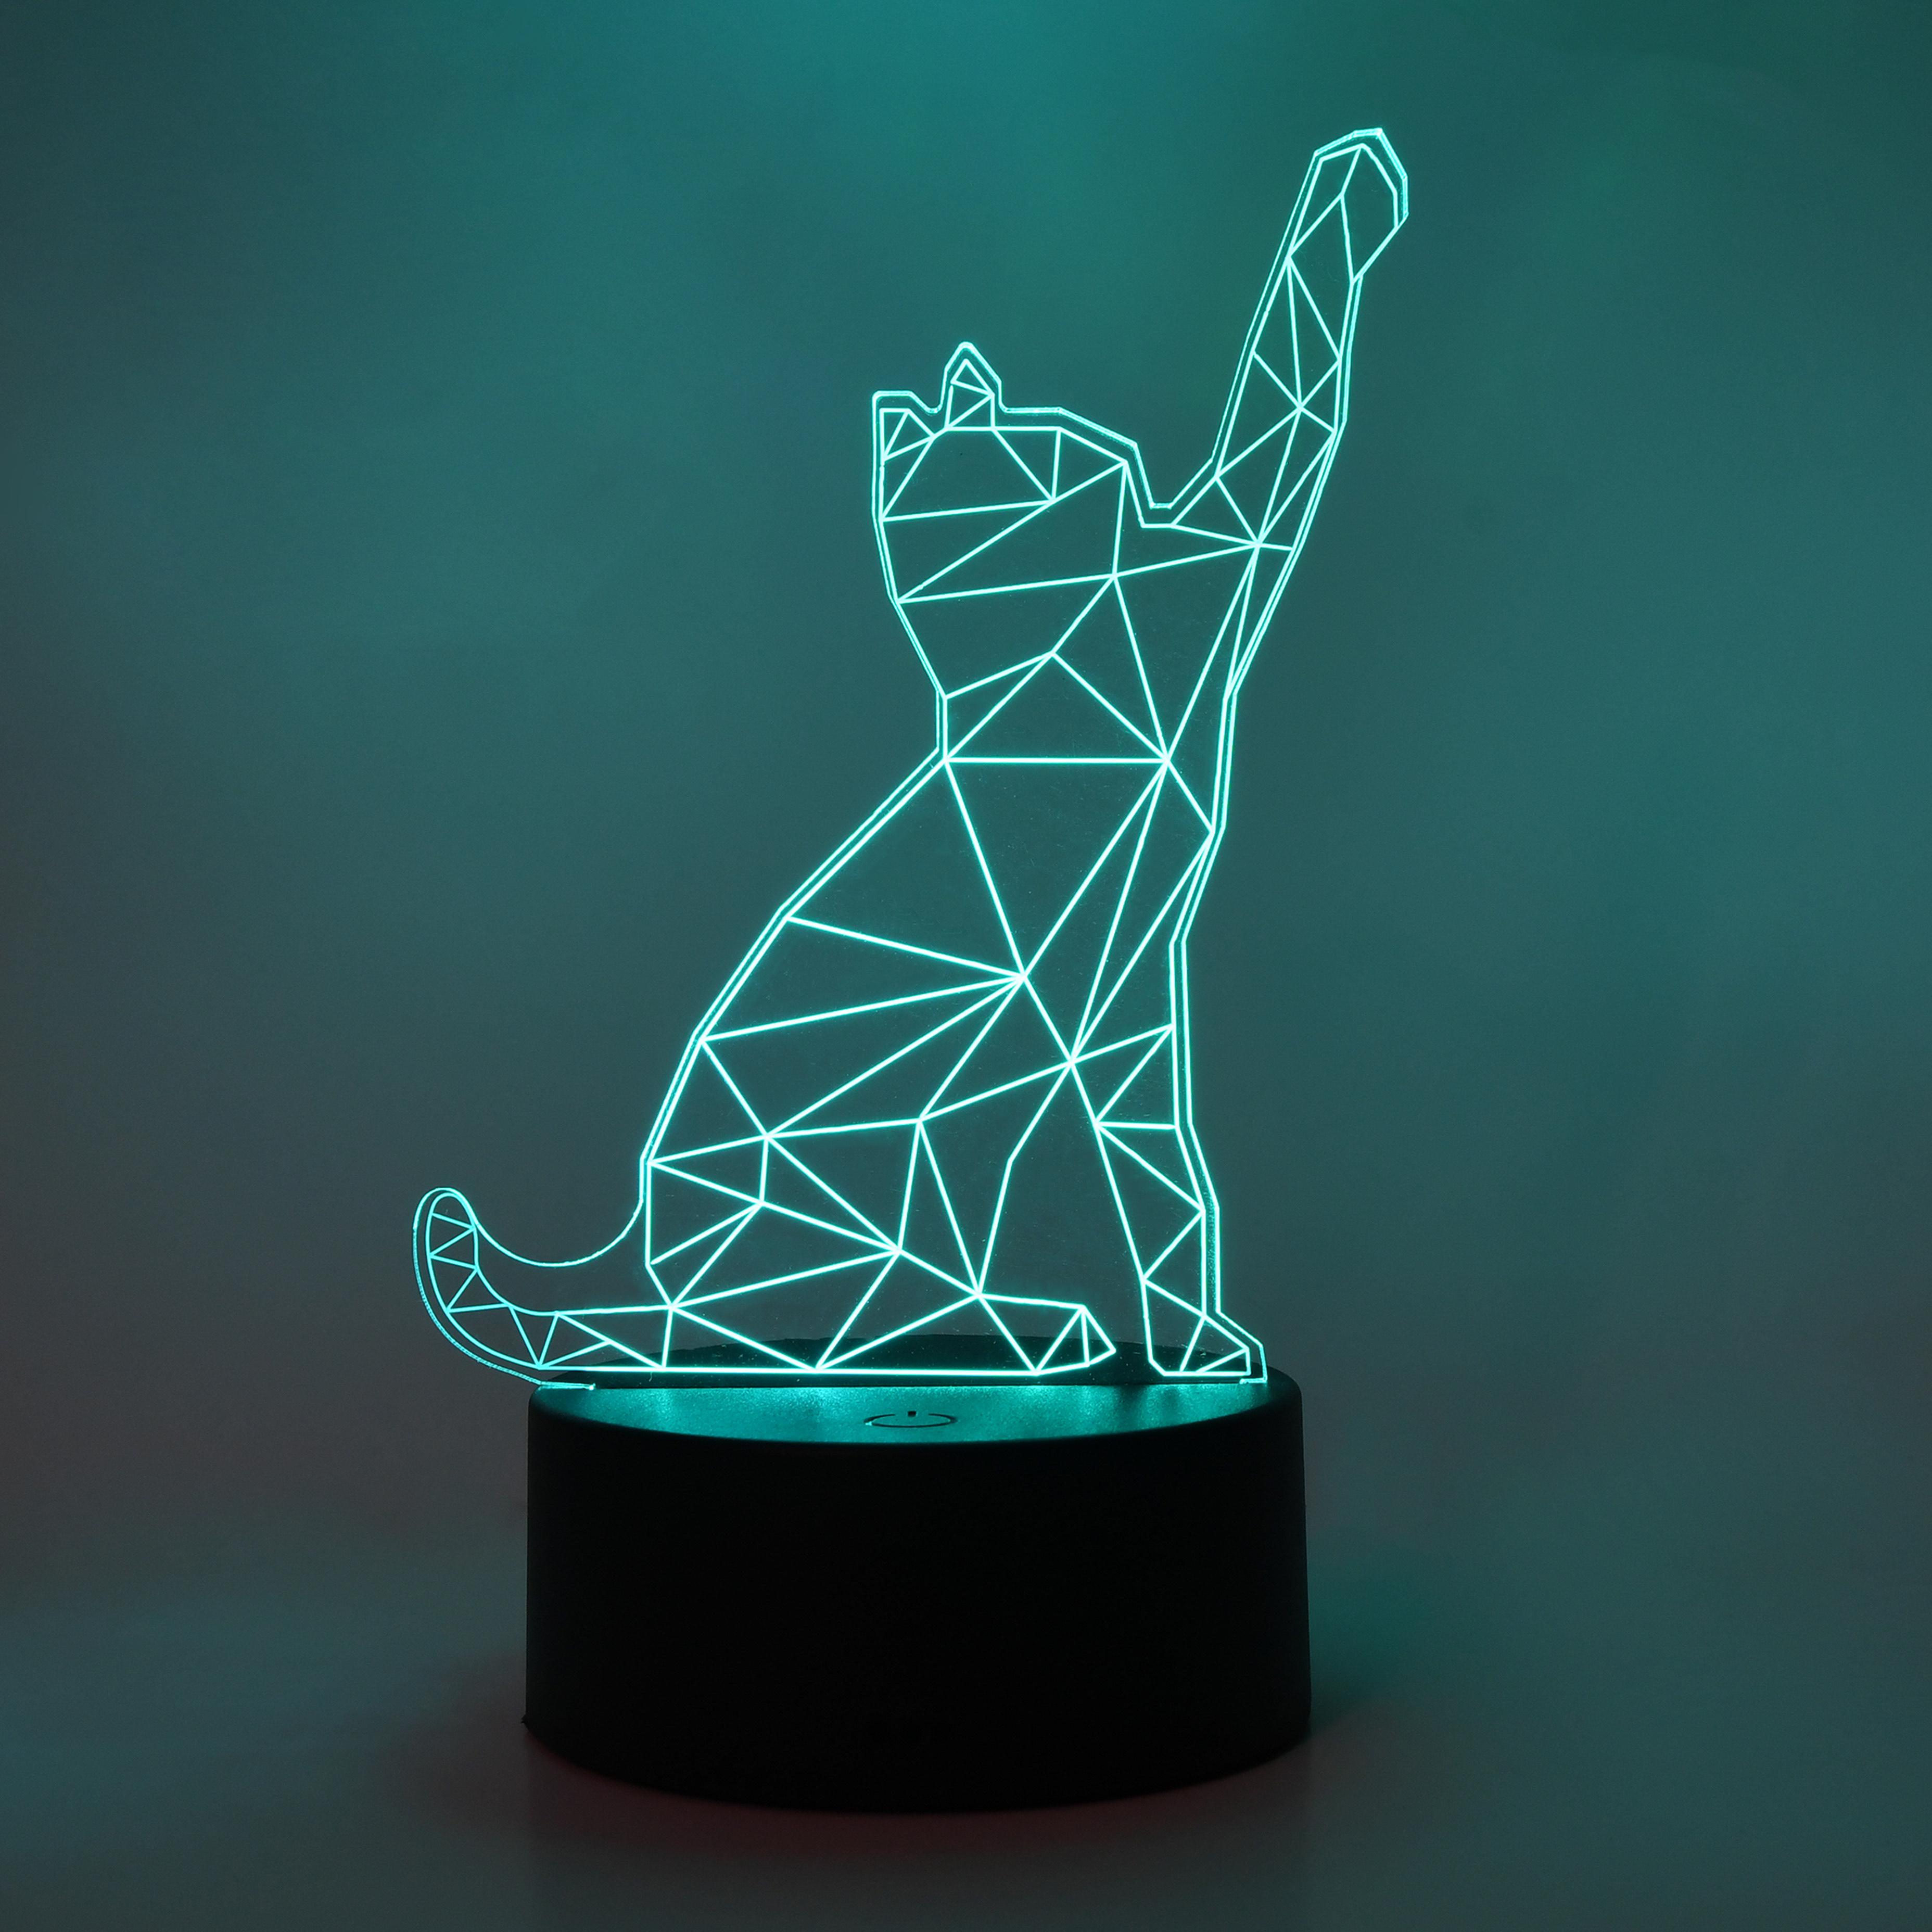 Lámparas efecto 3D, 8 diseños diferentes